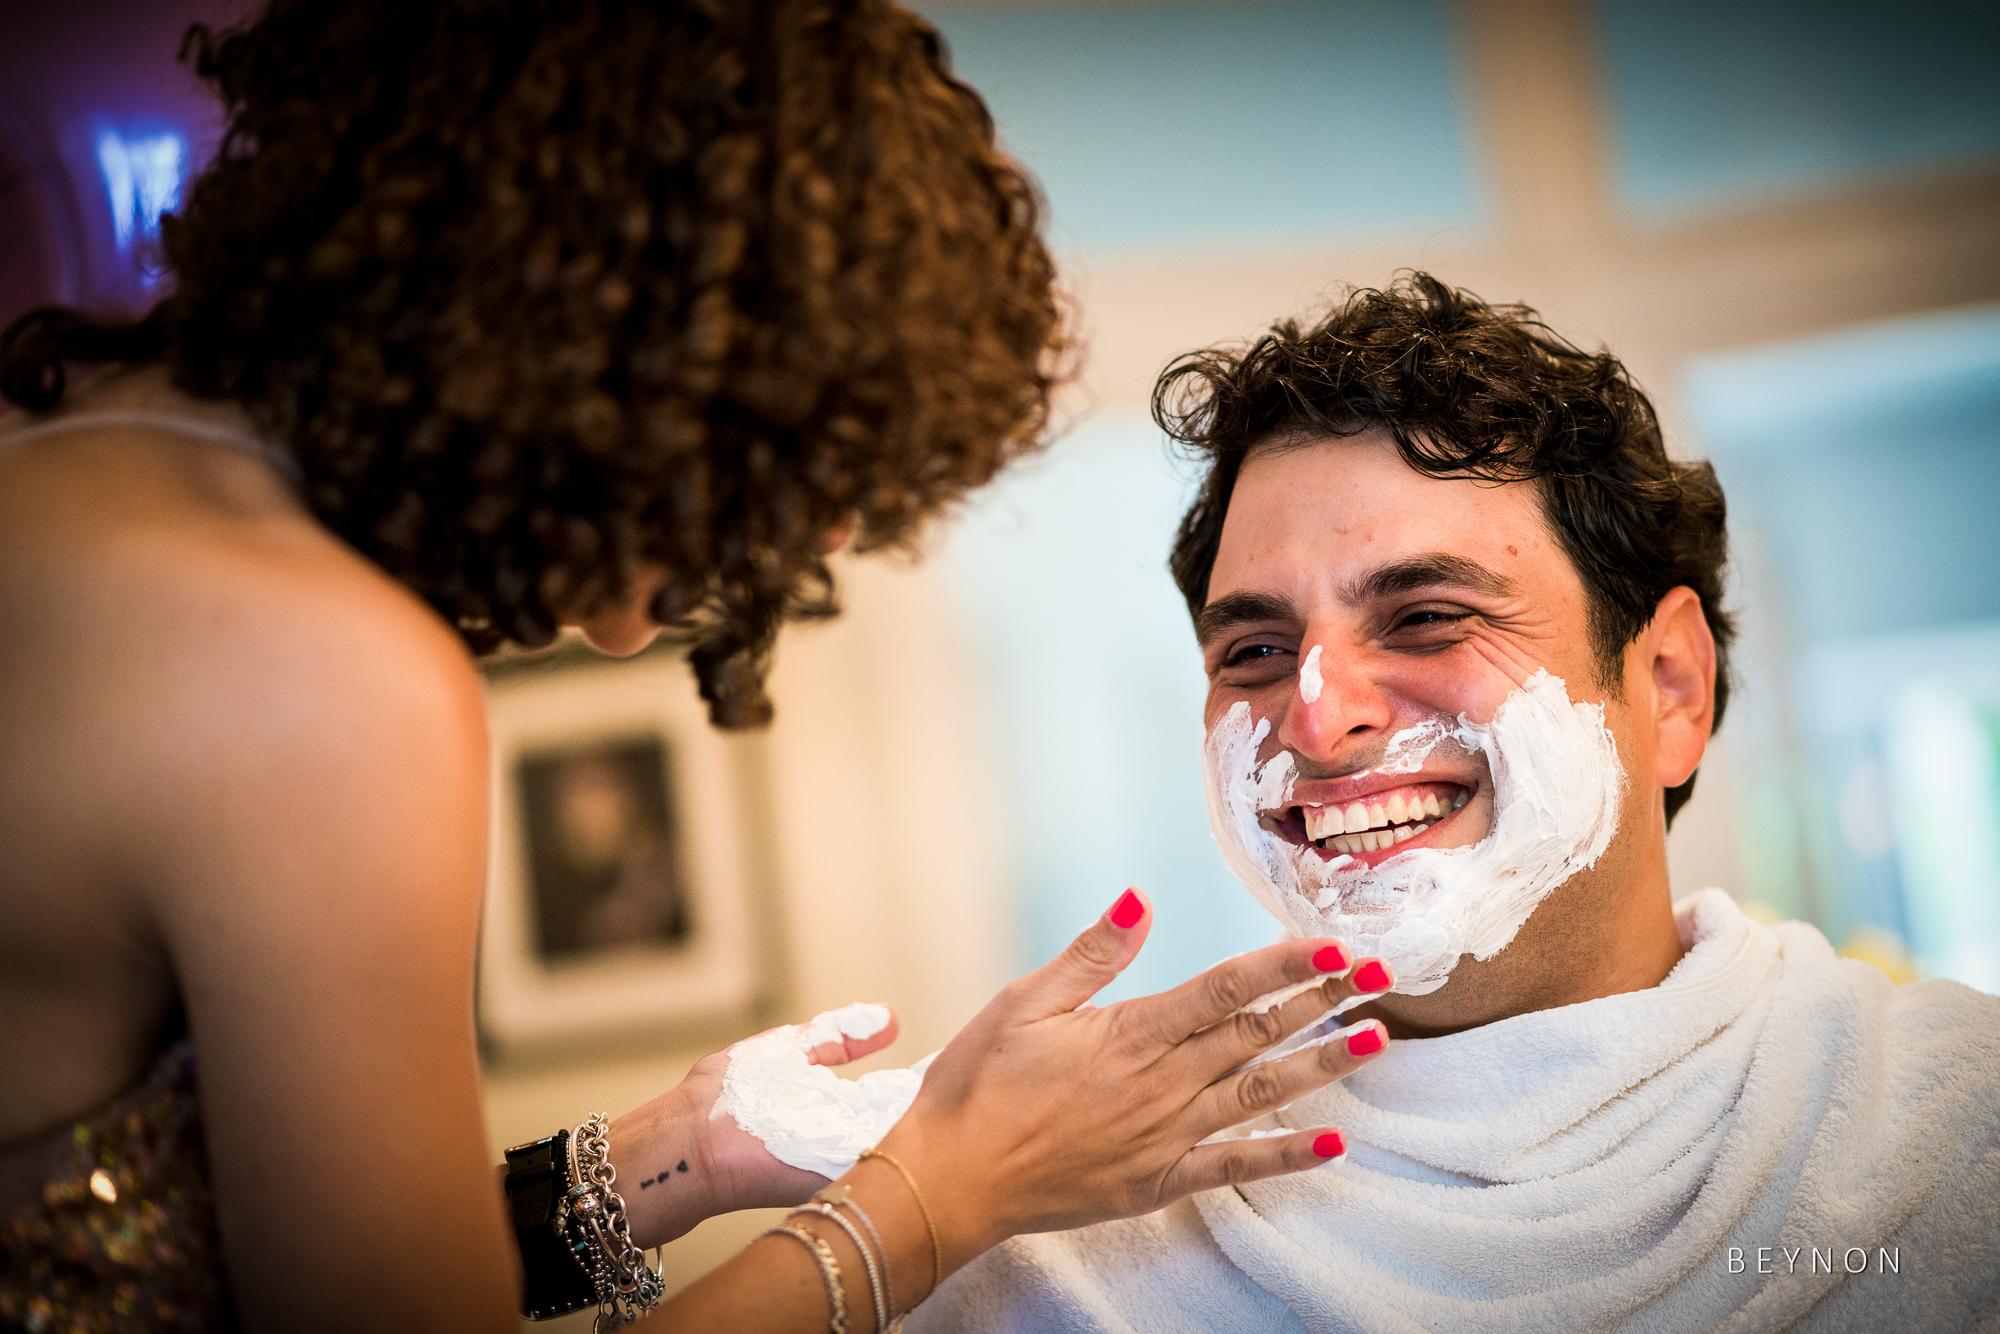 Shaving the groom